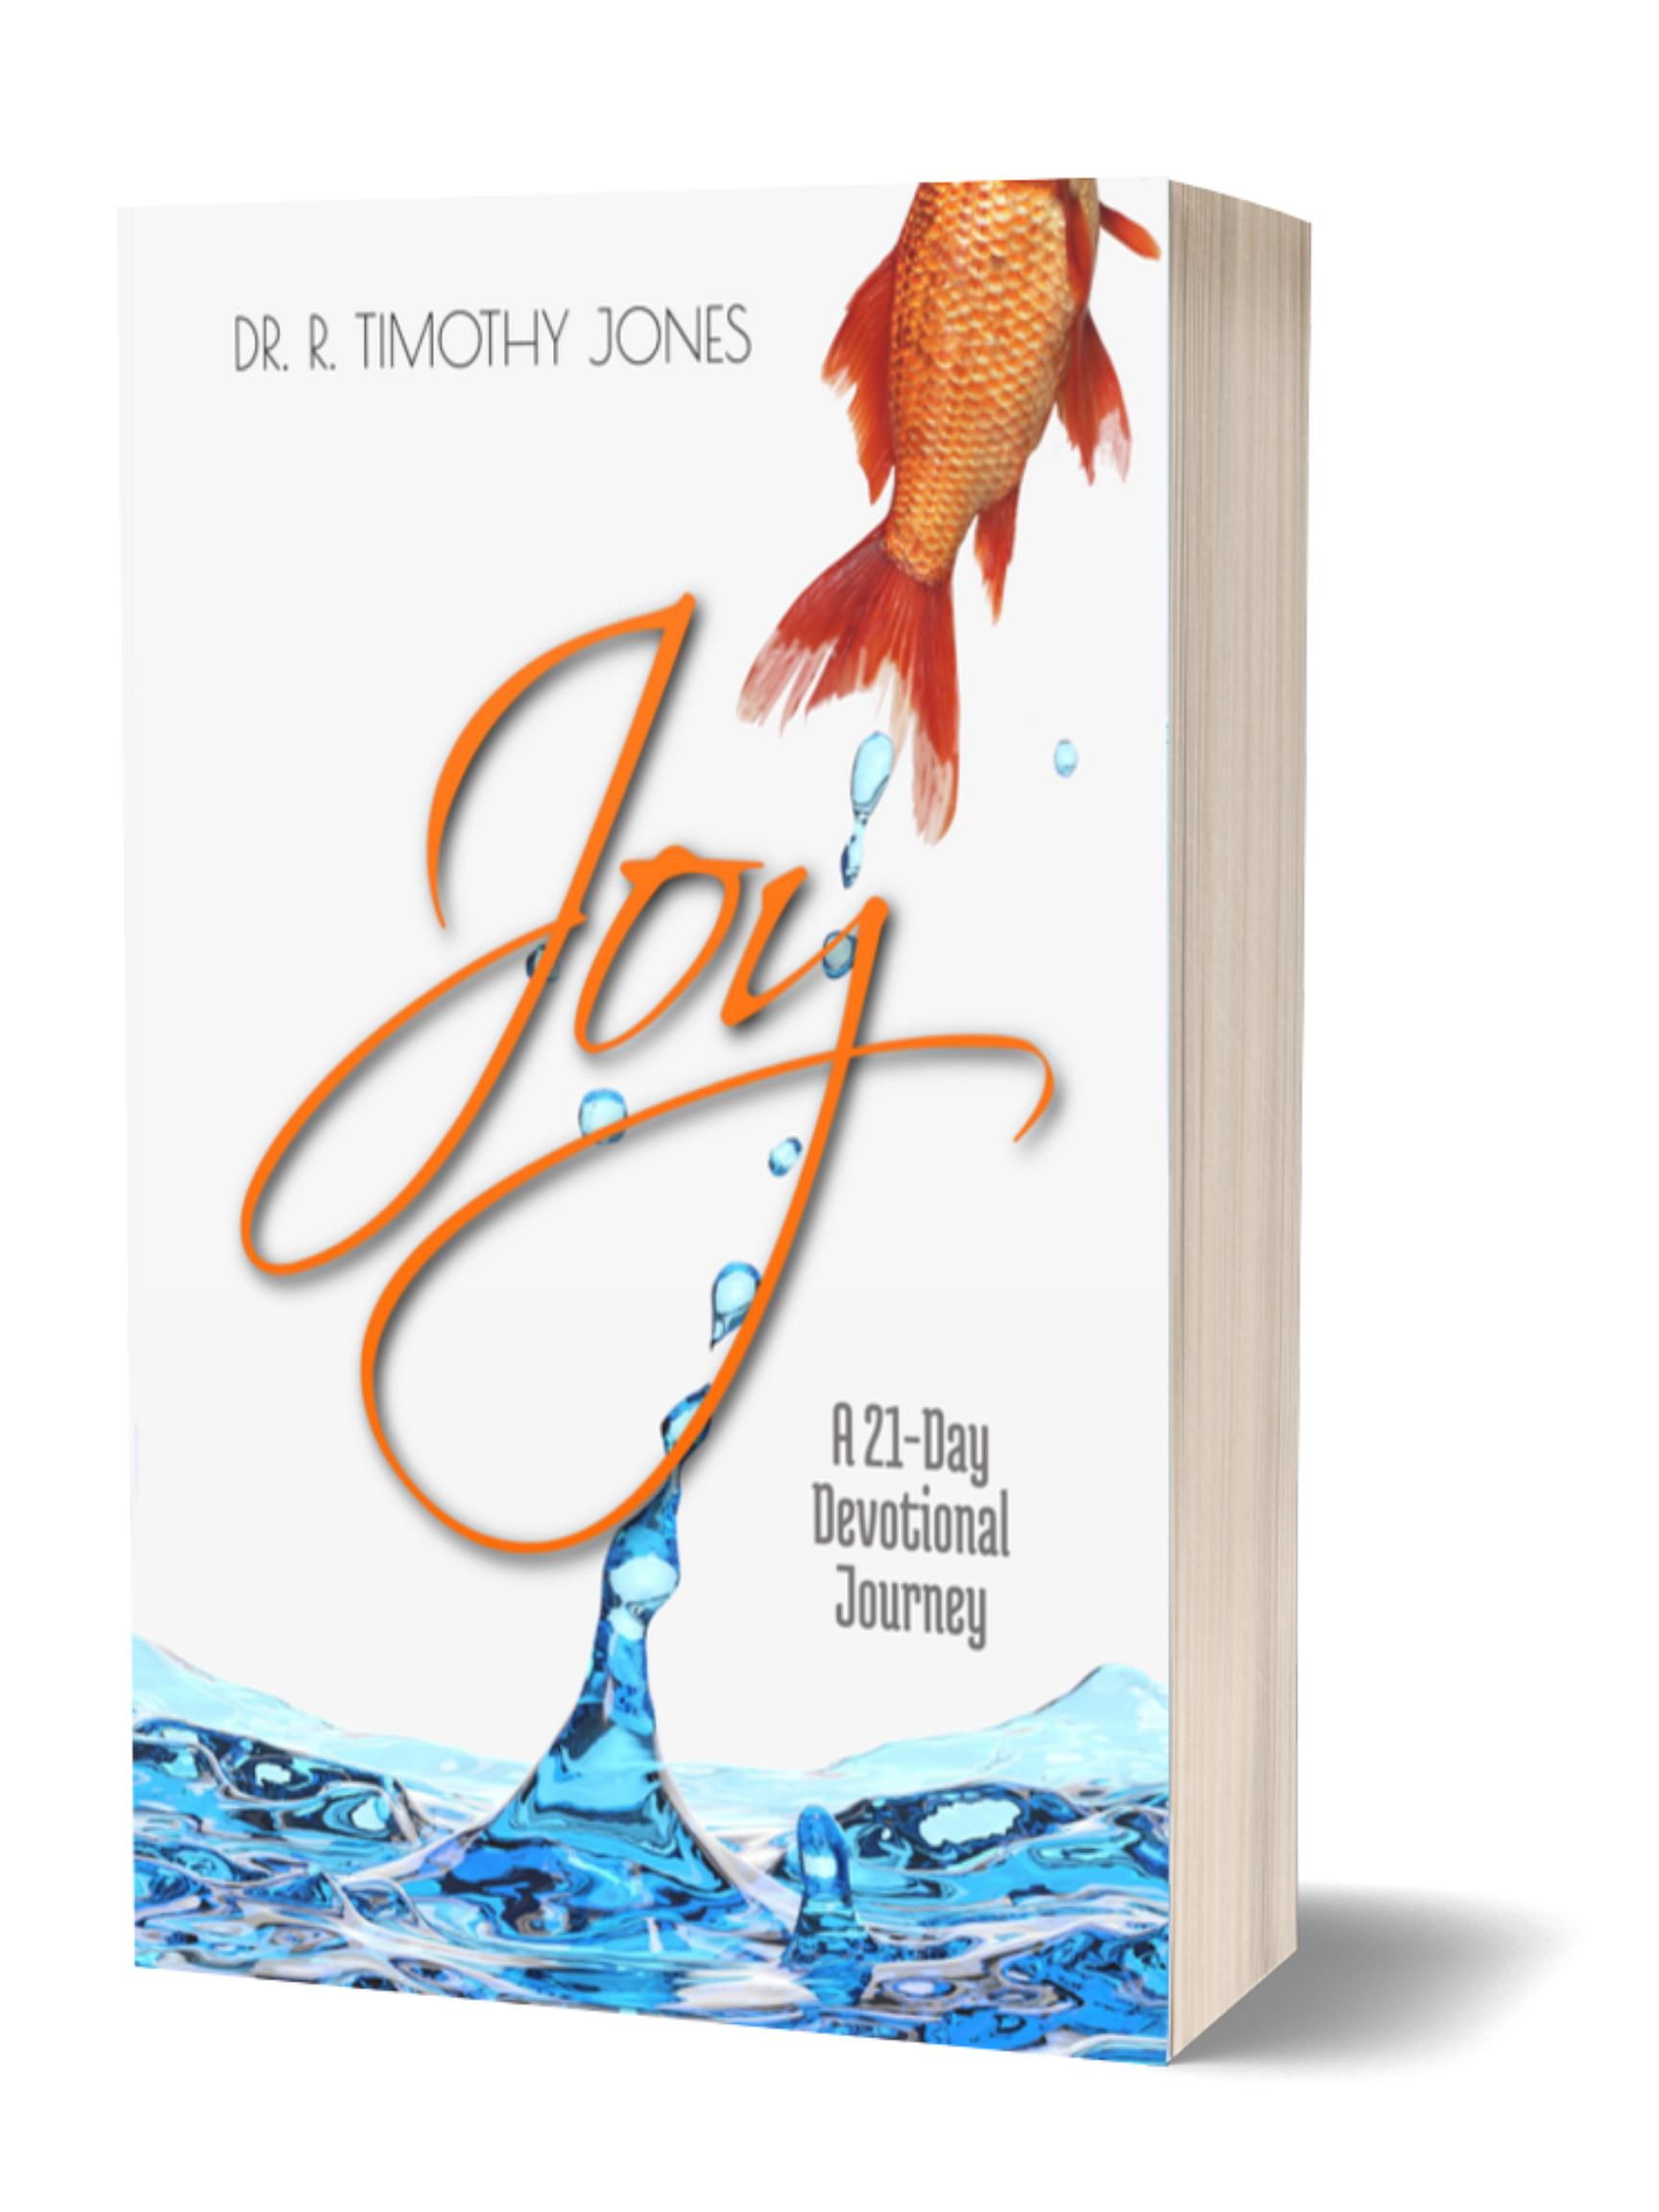 A Journey of Joy